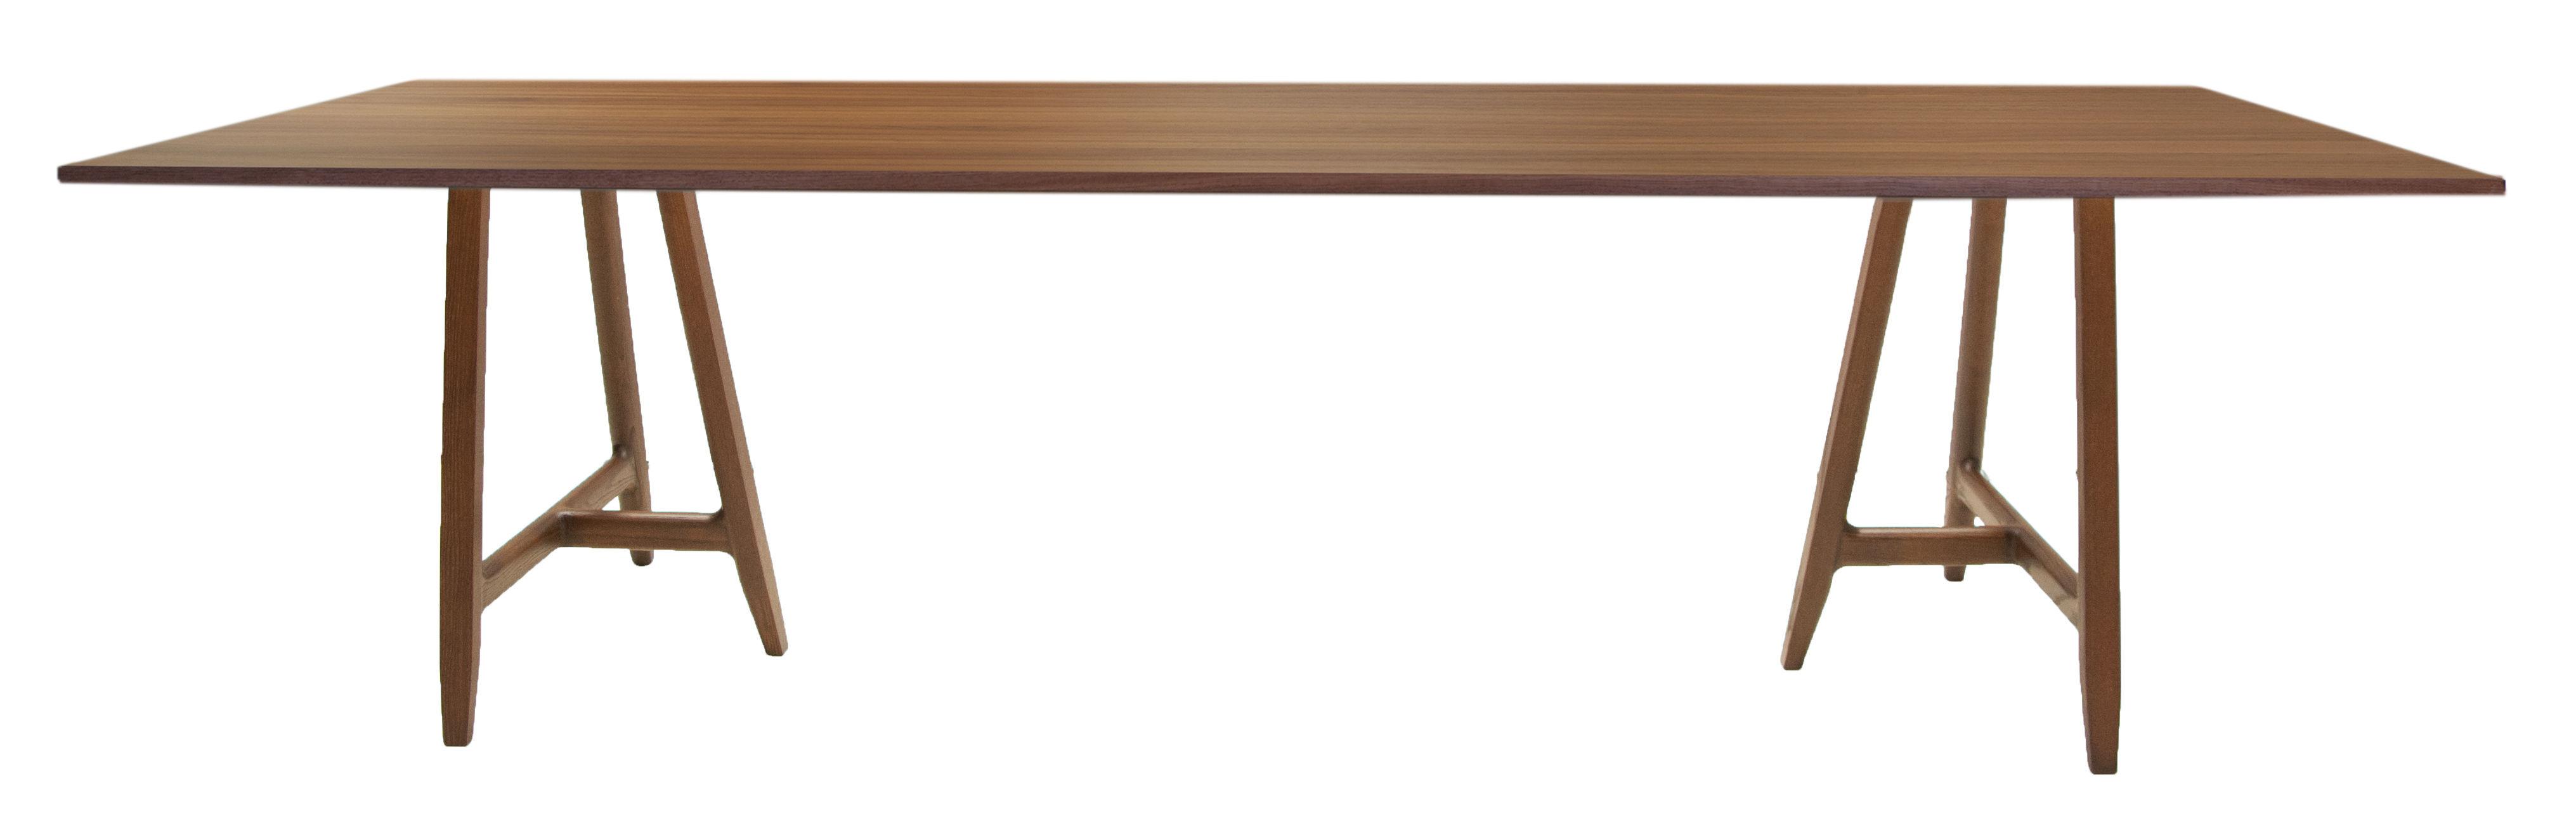 Tendances - Espace Repas - Table Easel / 220 x 90 cm - Plateau noyer - Driade - Plateau noyer / Piètement noyer - Contreplaqué de noyer, Noyer massif